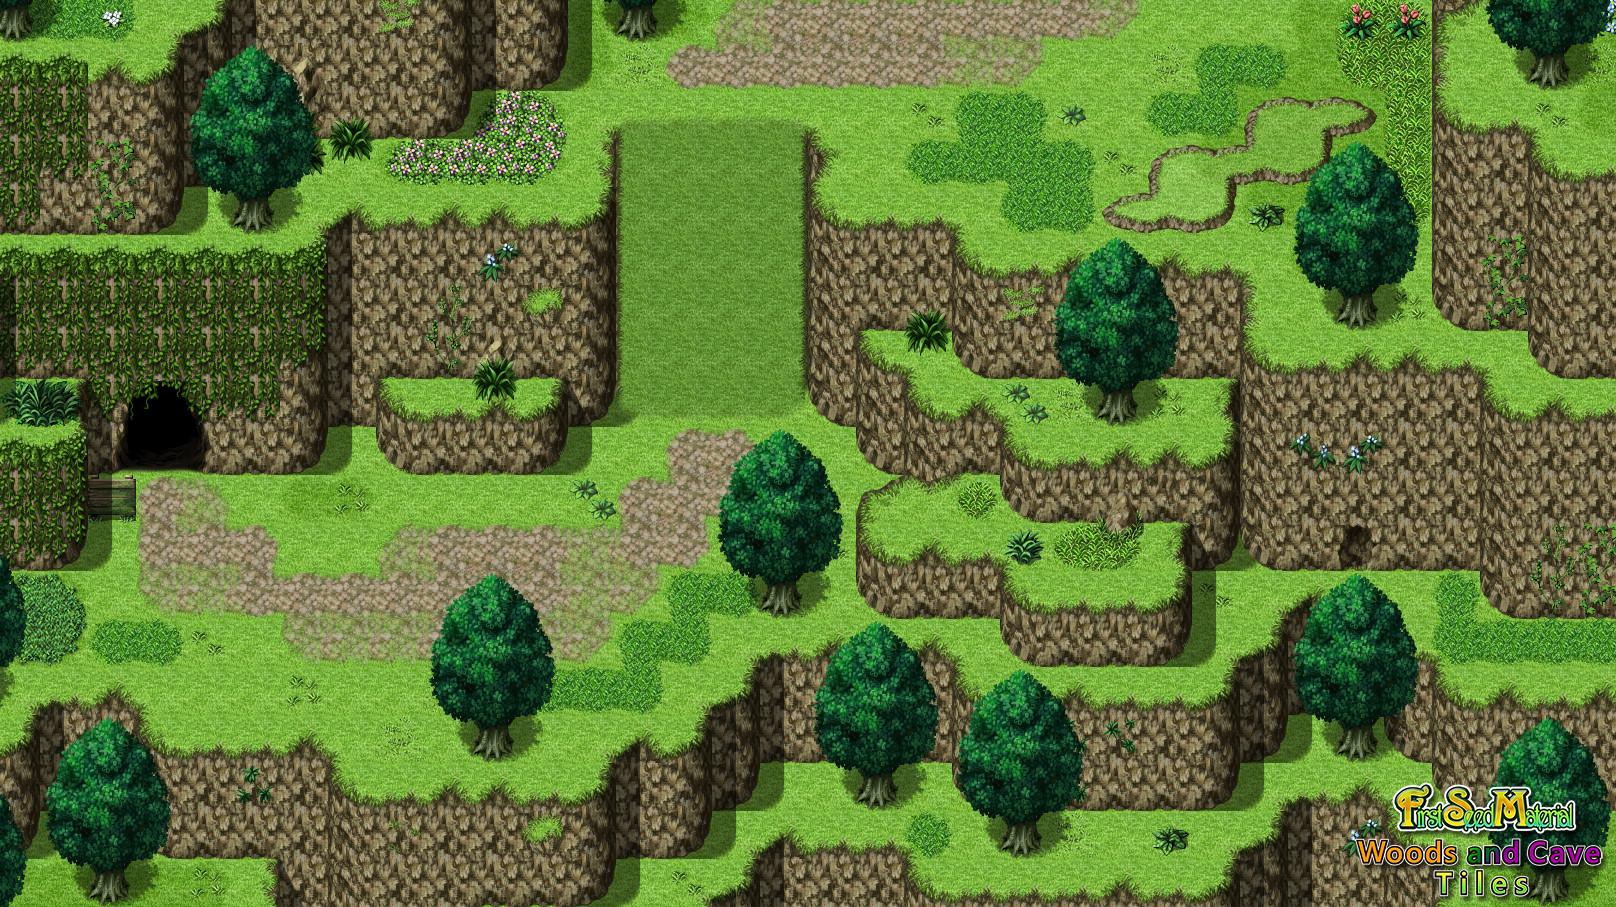 RPG Maker MV - FSM: Woods and Cave